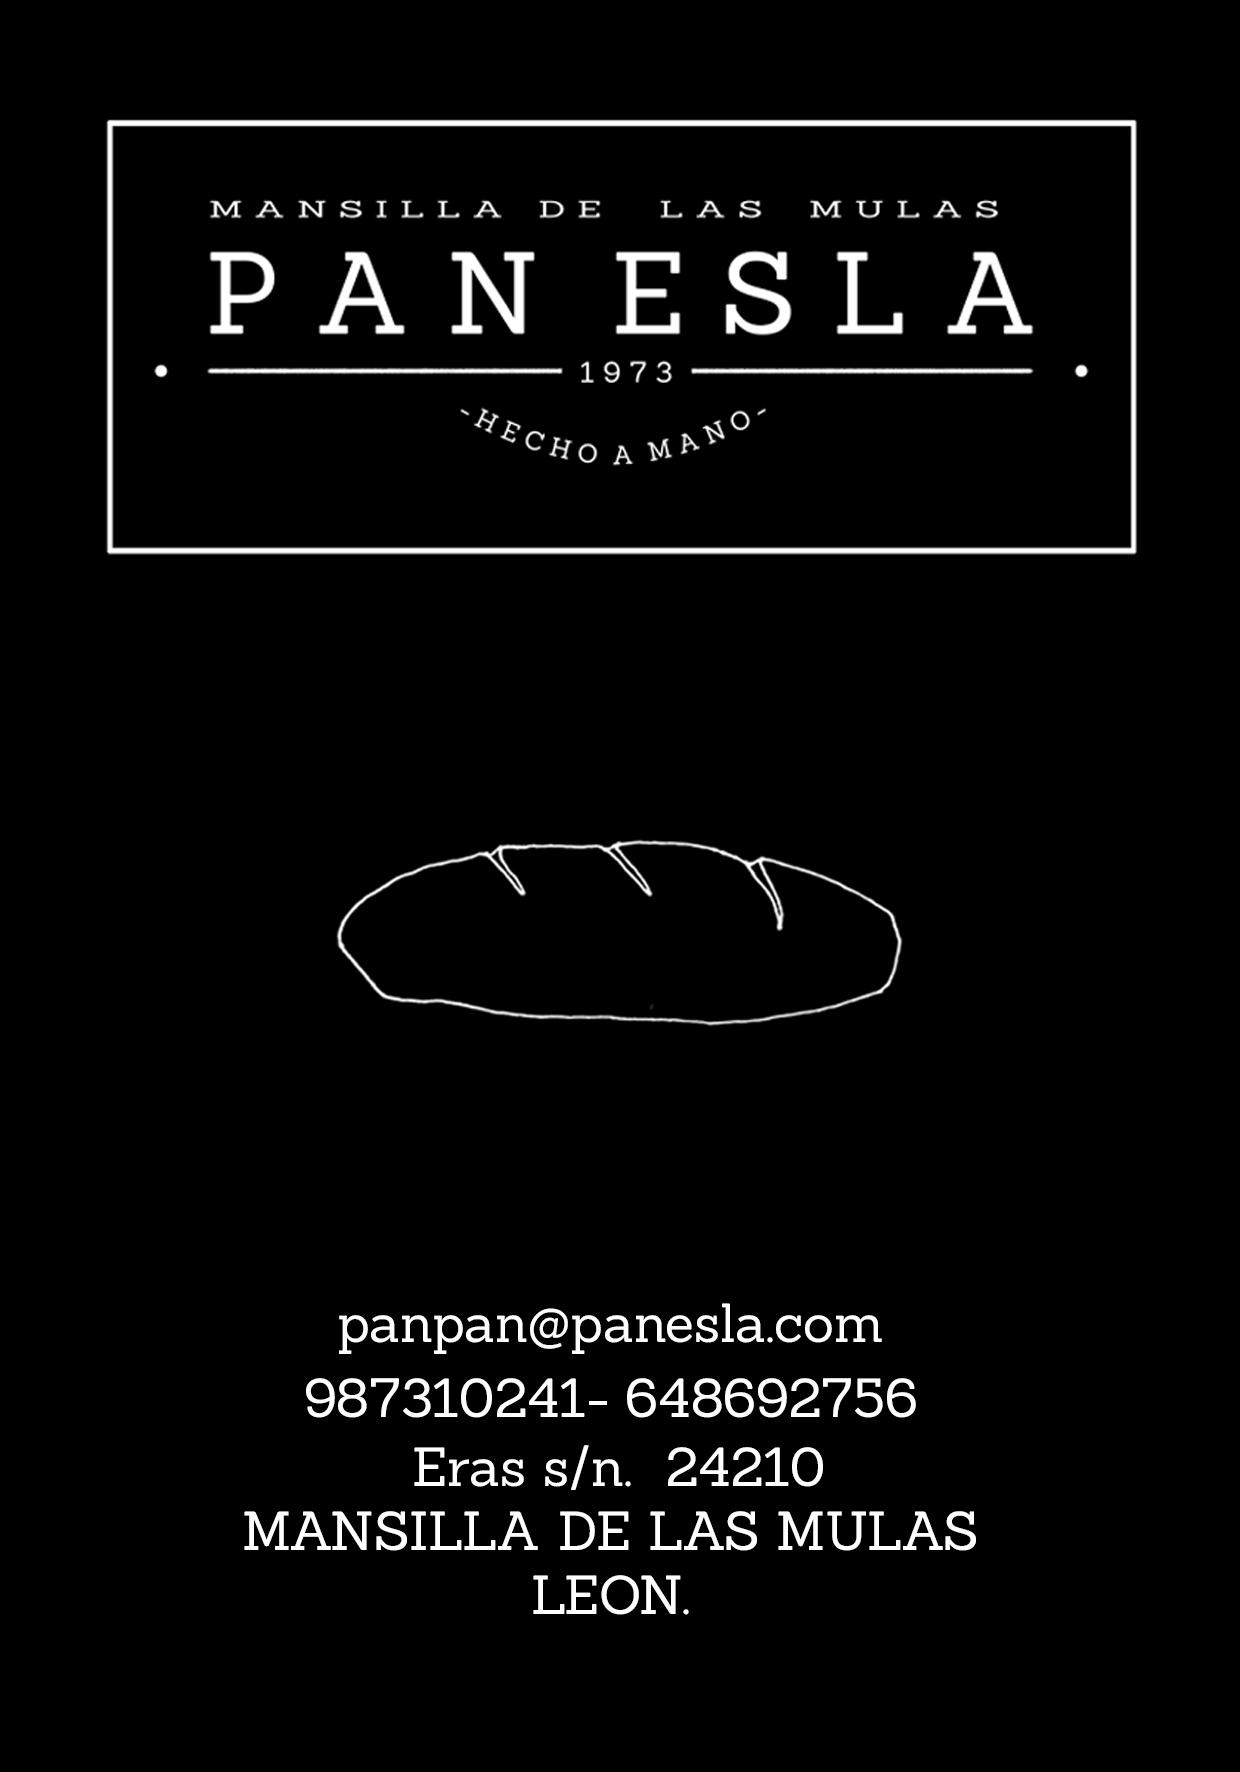 Tarjeta flyer panificadora Pan Esla creadas por Narua